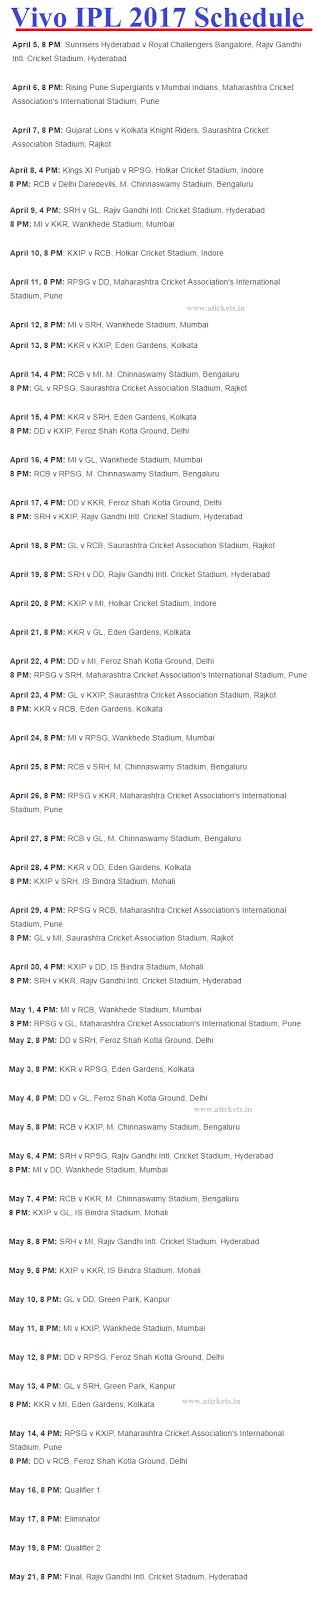 Vivo IPL 2017 Schedule